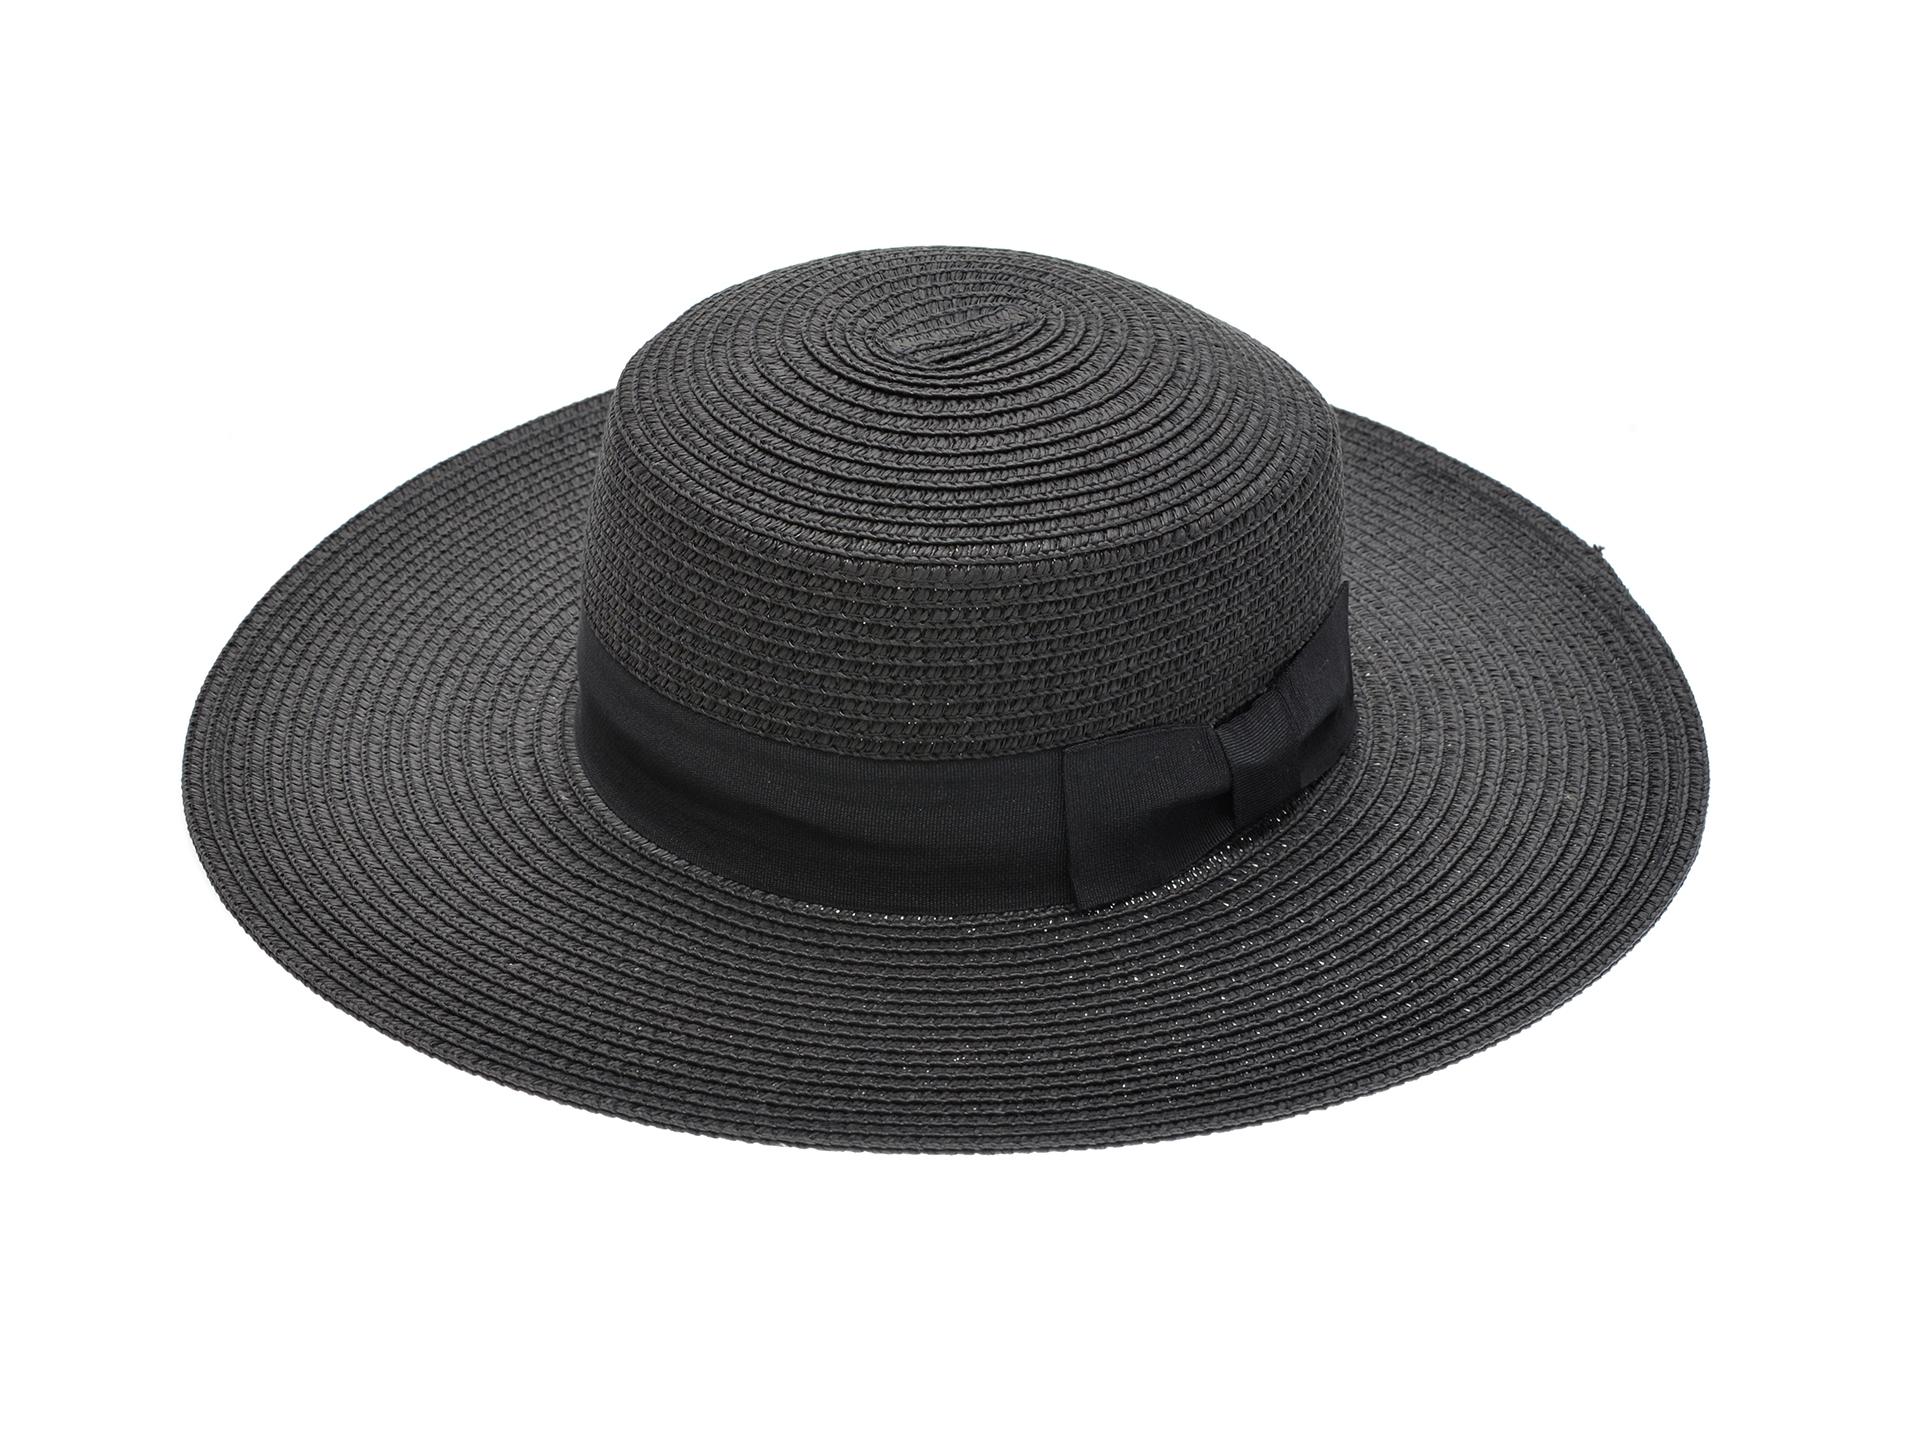 Palarie ALDO neagra, Notaris001, din material textil imagine otter.ro 2021